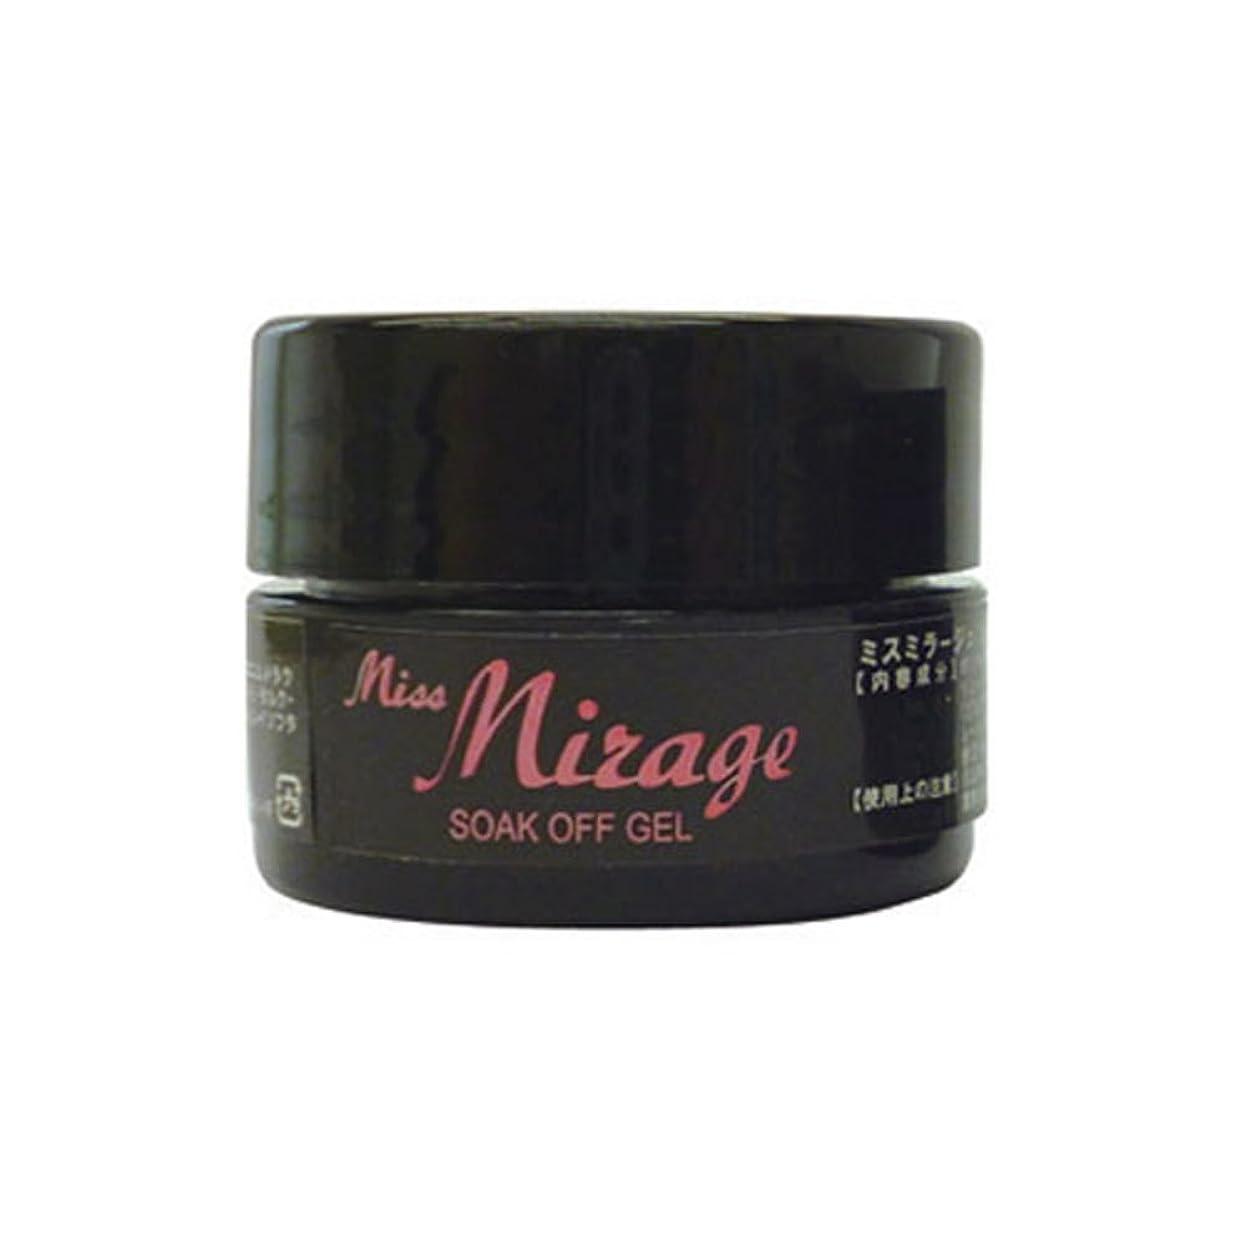 汚物よろめく隣接Miss Mirage カラージェル NM21S 2.5g ソークオフジェル UV/LED対応